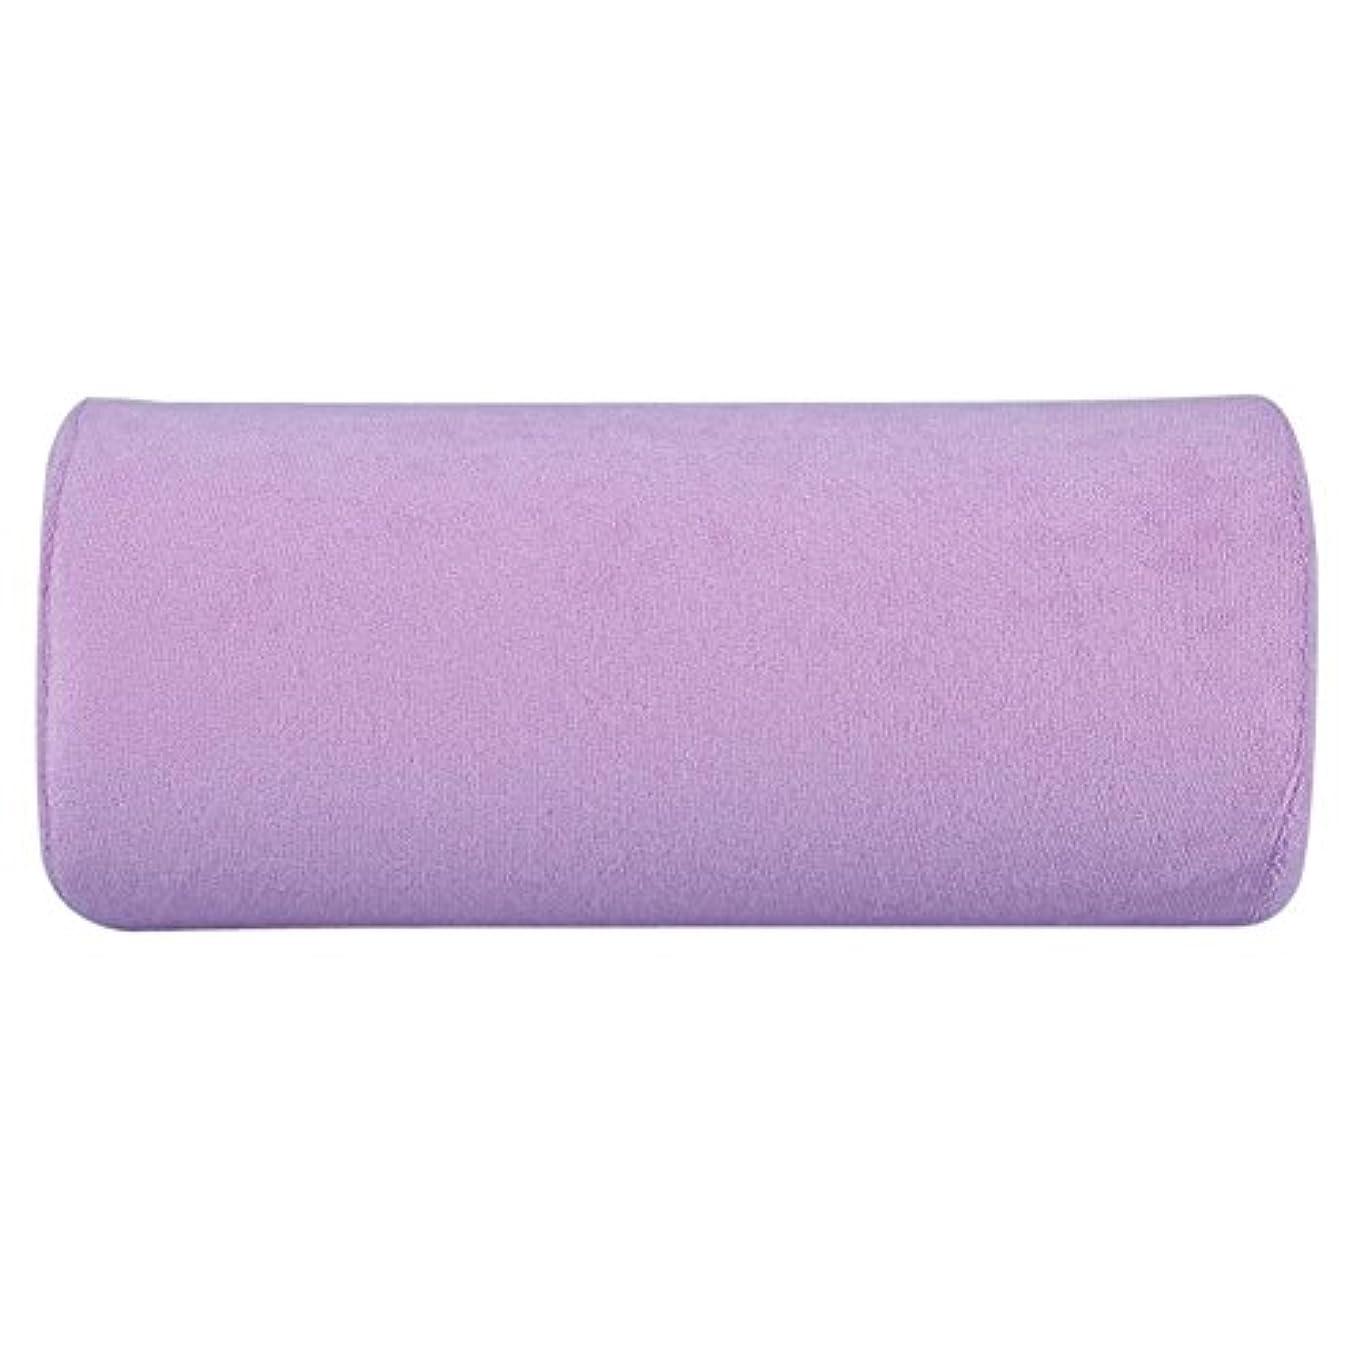 行進契約するユダヤ人腕置き Okuguy ハンド枕 手の枕 腕マクラ ハンドピロー 柔らかい 美容院 美容室 サロン (紫)